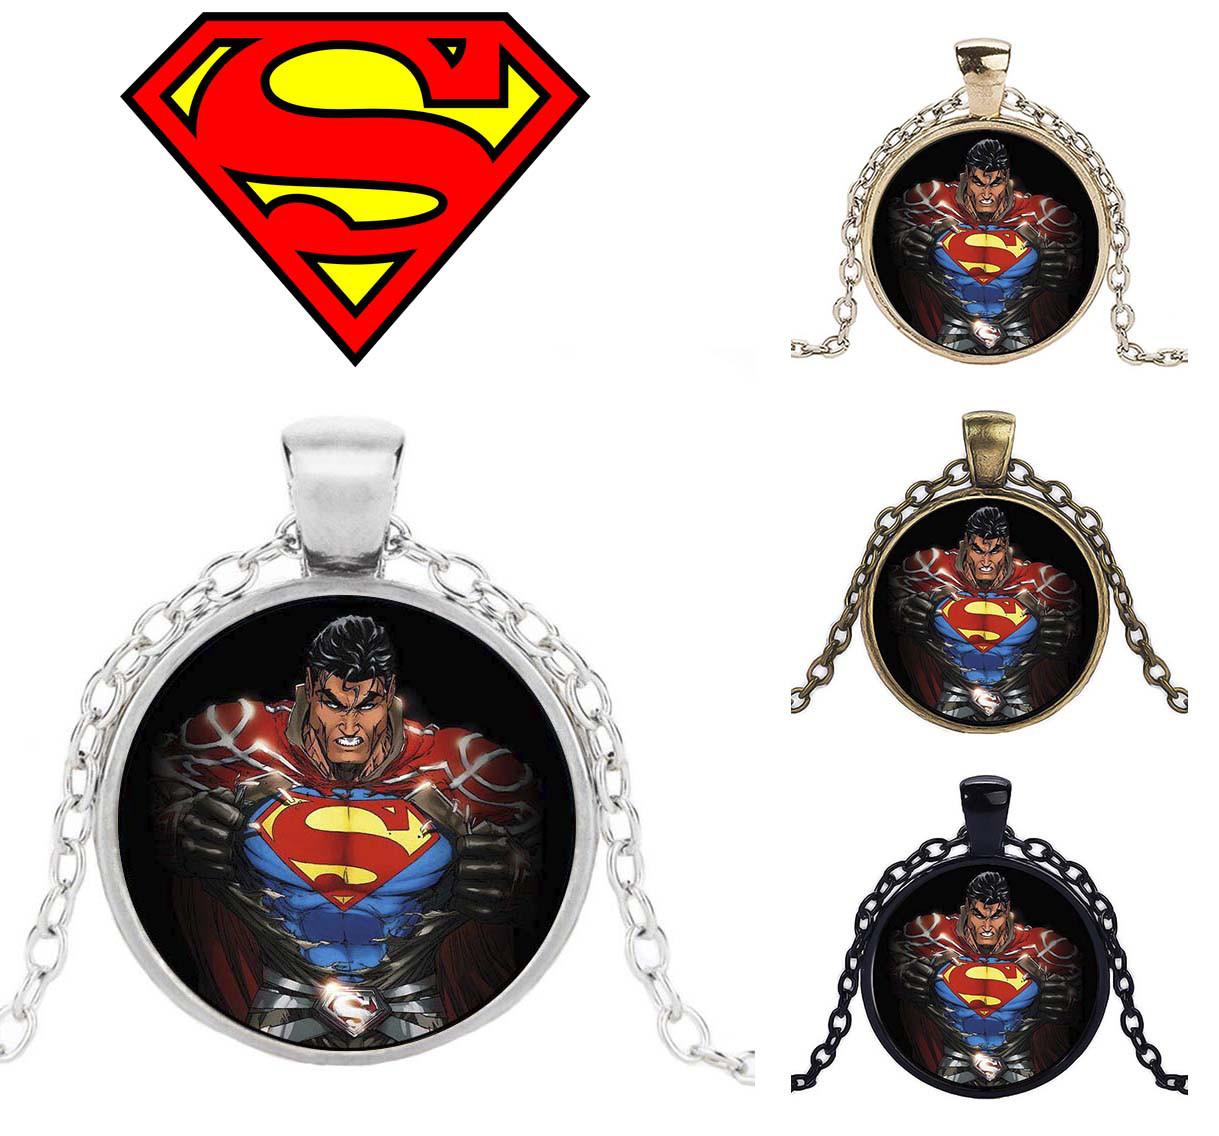 Кулон с изображением Супермена Superman DC комиксы